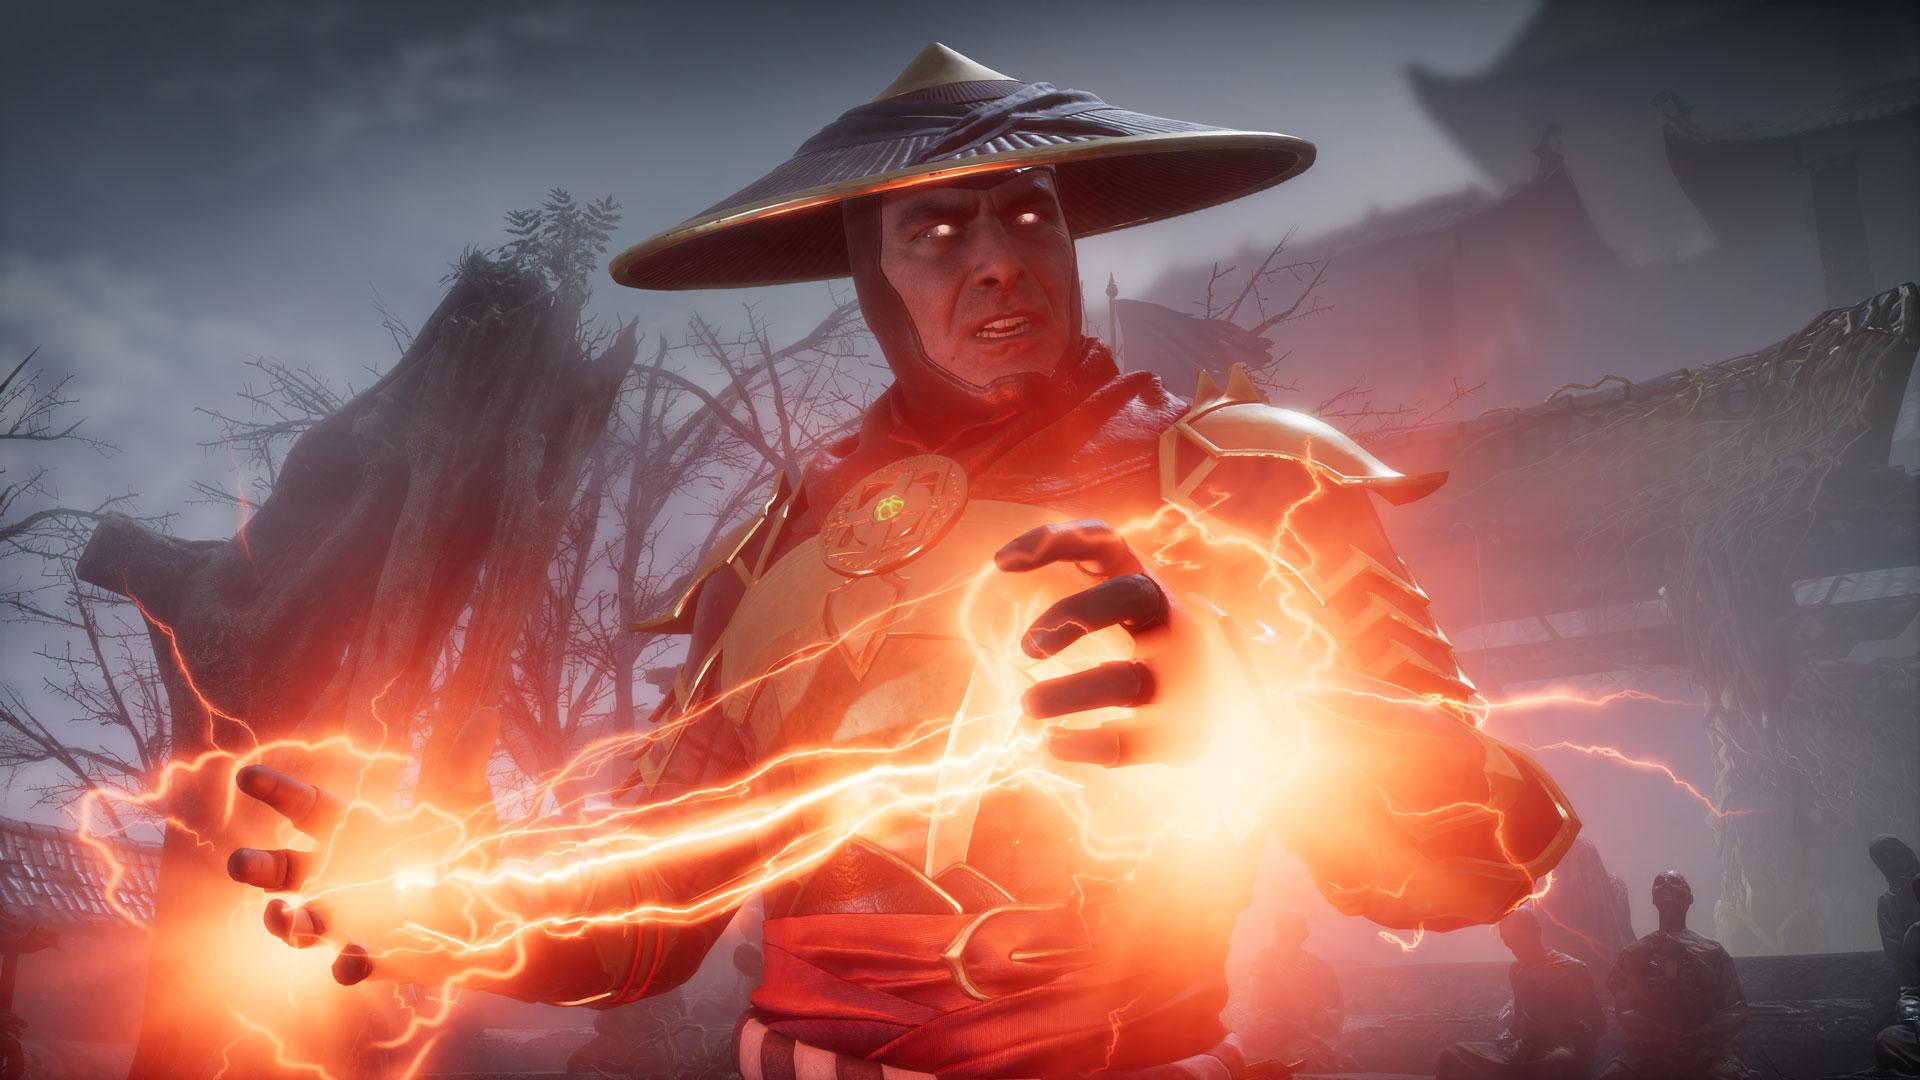 Mortal Kombat 11: everything we know